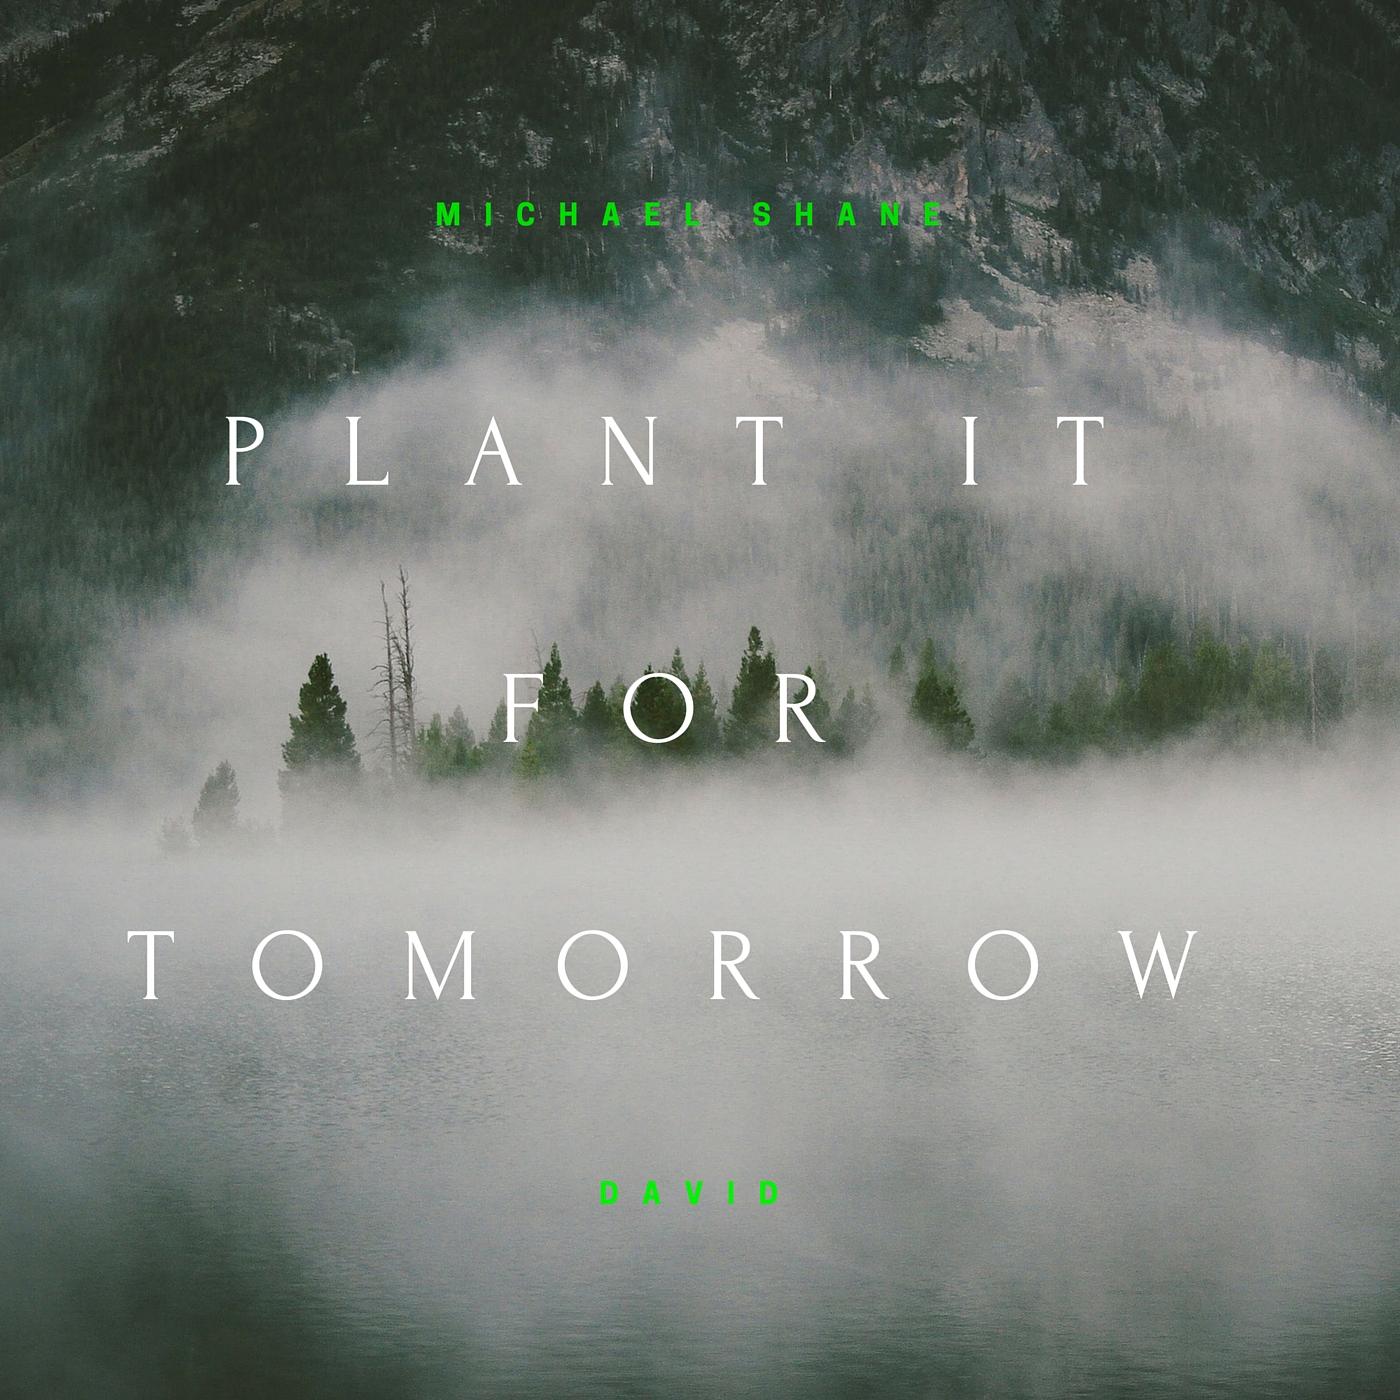 MICHAEL SHANE DAVID PLANT IT FOR TOMORROW